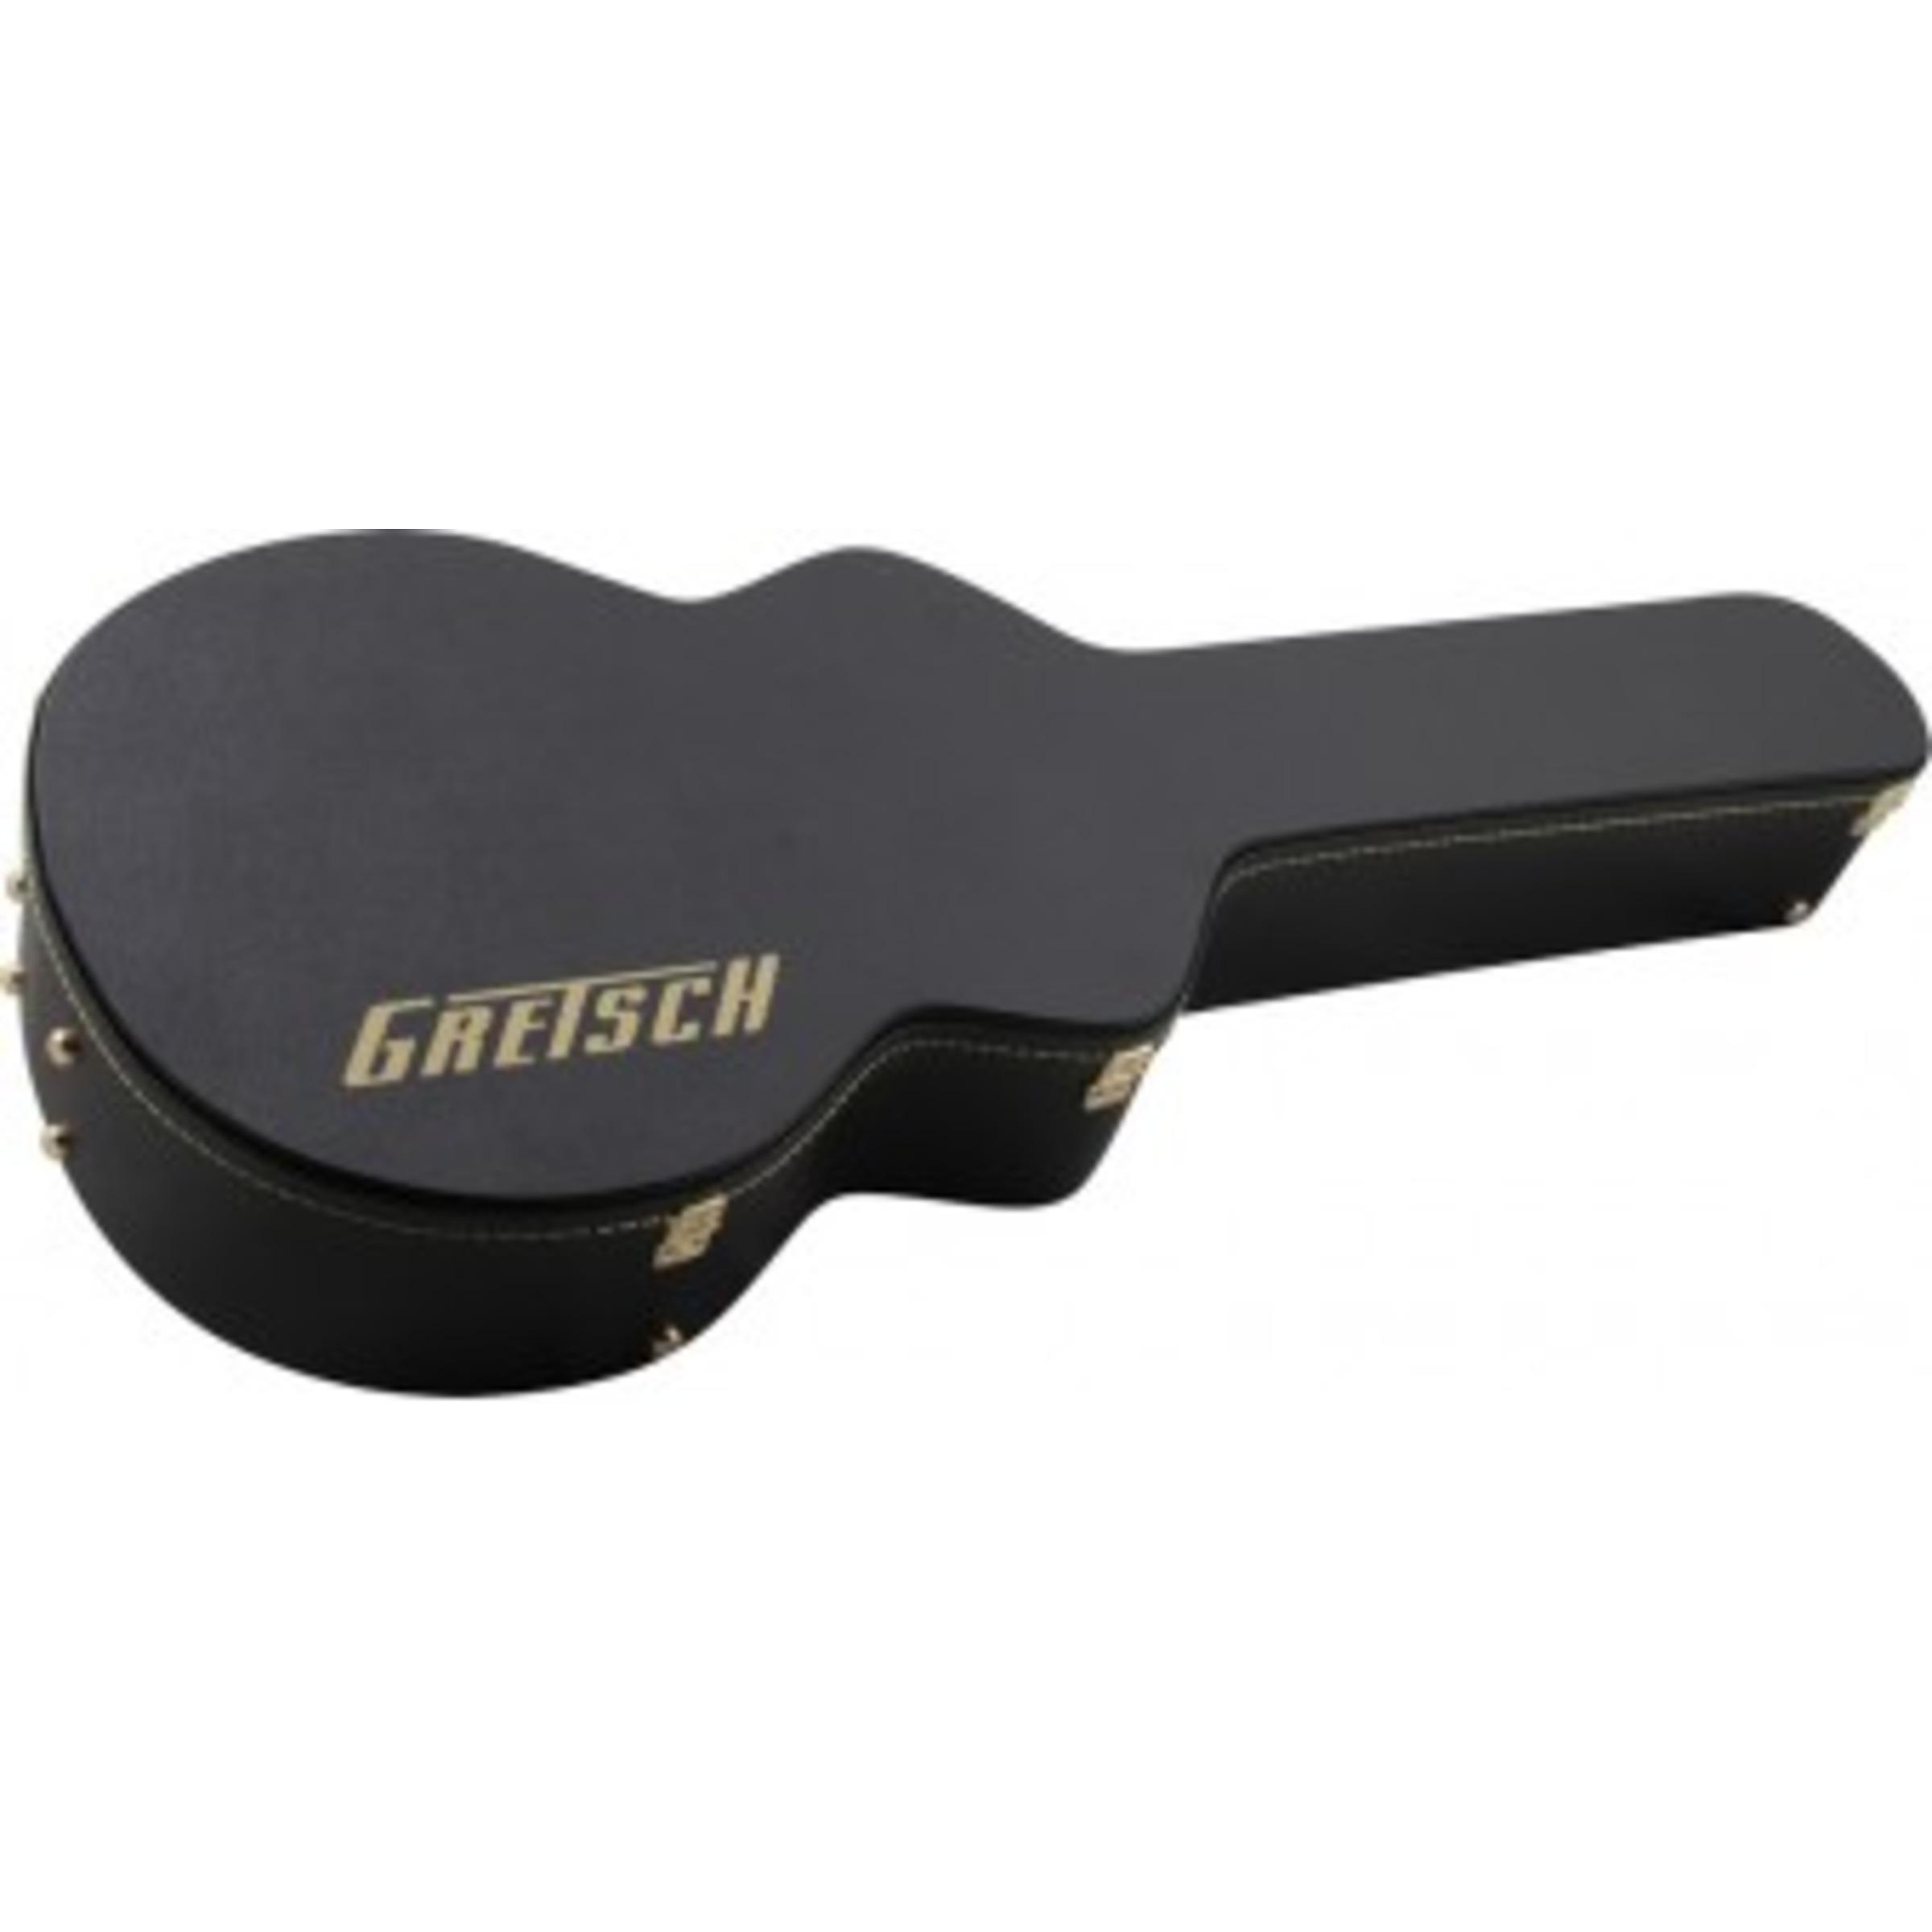 gretsch g6241ft hardcase for g5420 and g5422 models giggear. Black Bedroom Furniture Sets. Home Design Ideas